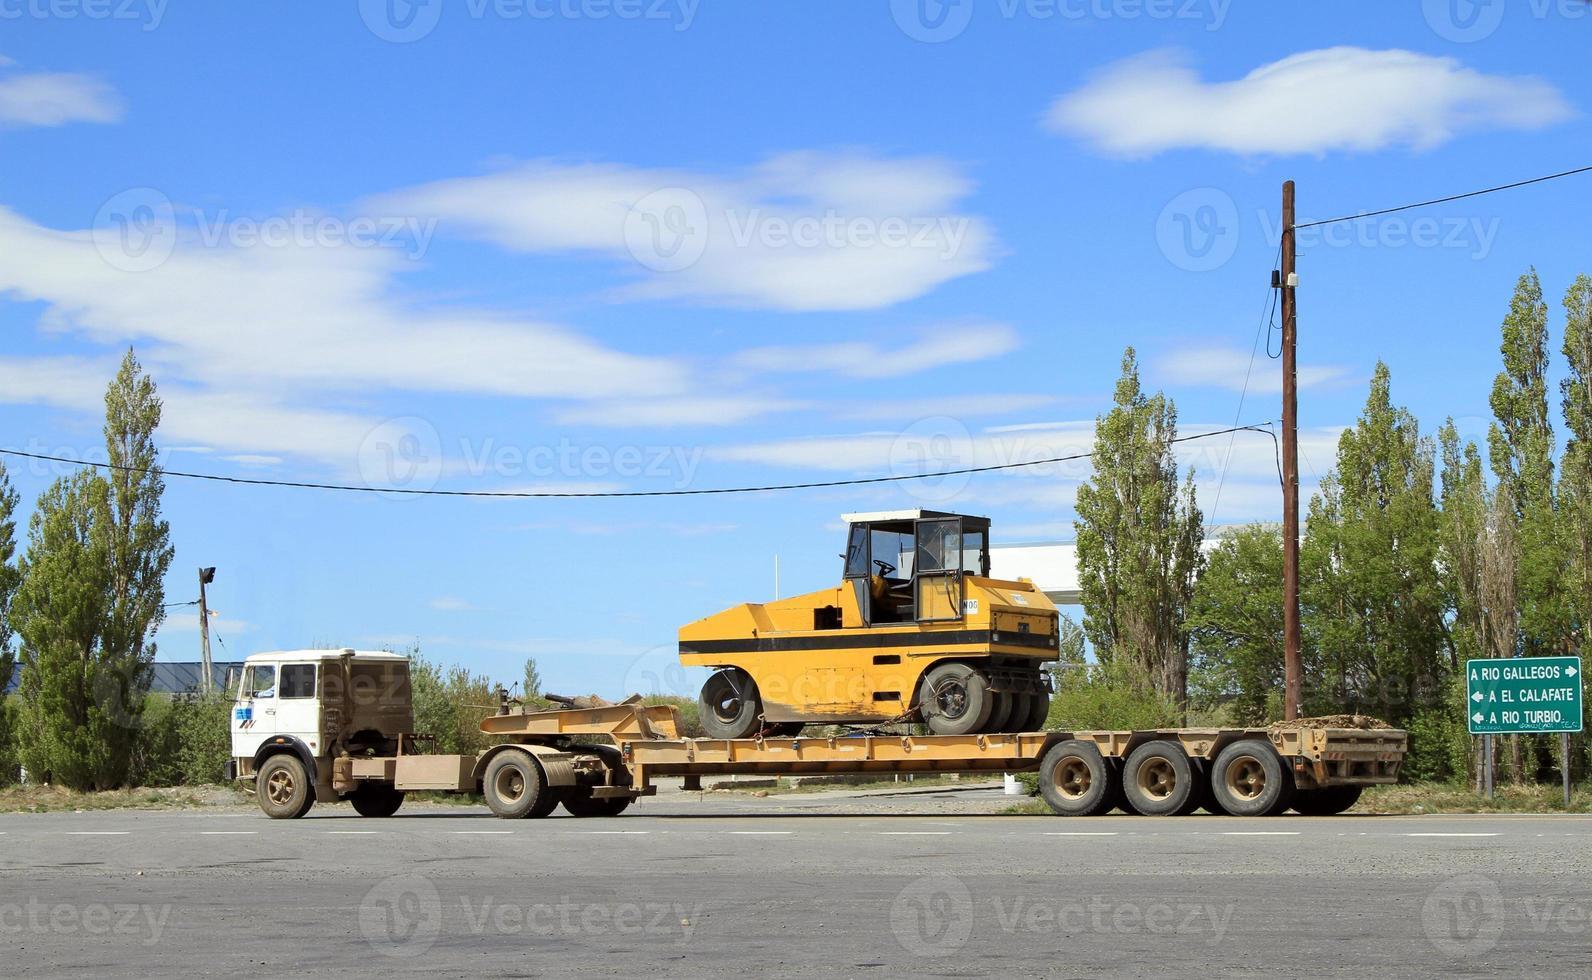 Transport von schweren Maschinen foto